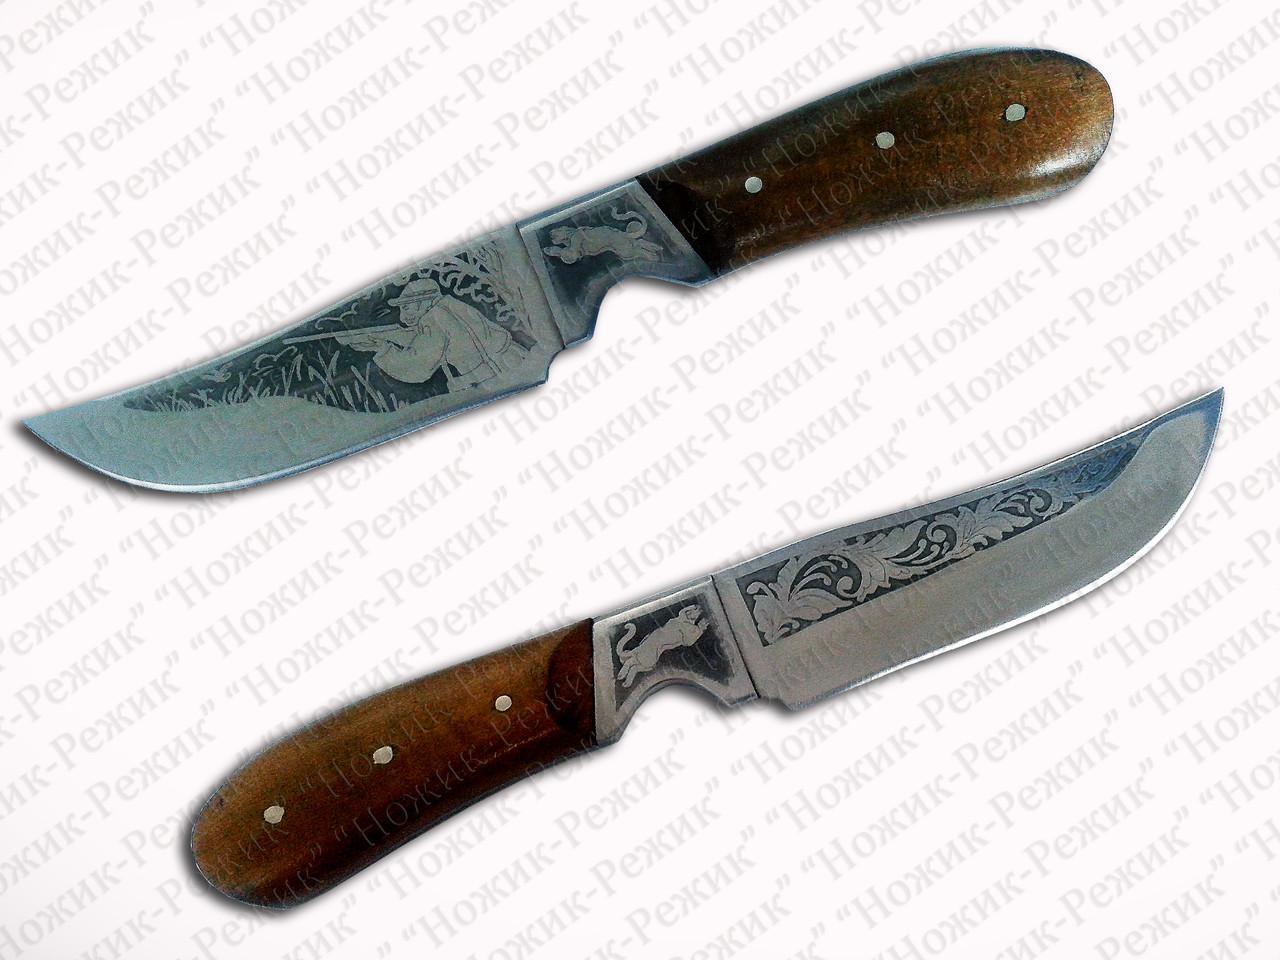 Нож туристический охотничий, нож для рыбалки, нож рыбака, нескладной нож, нож от производителя